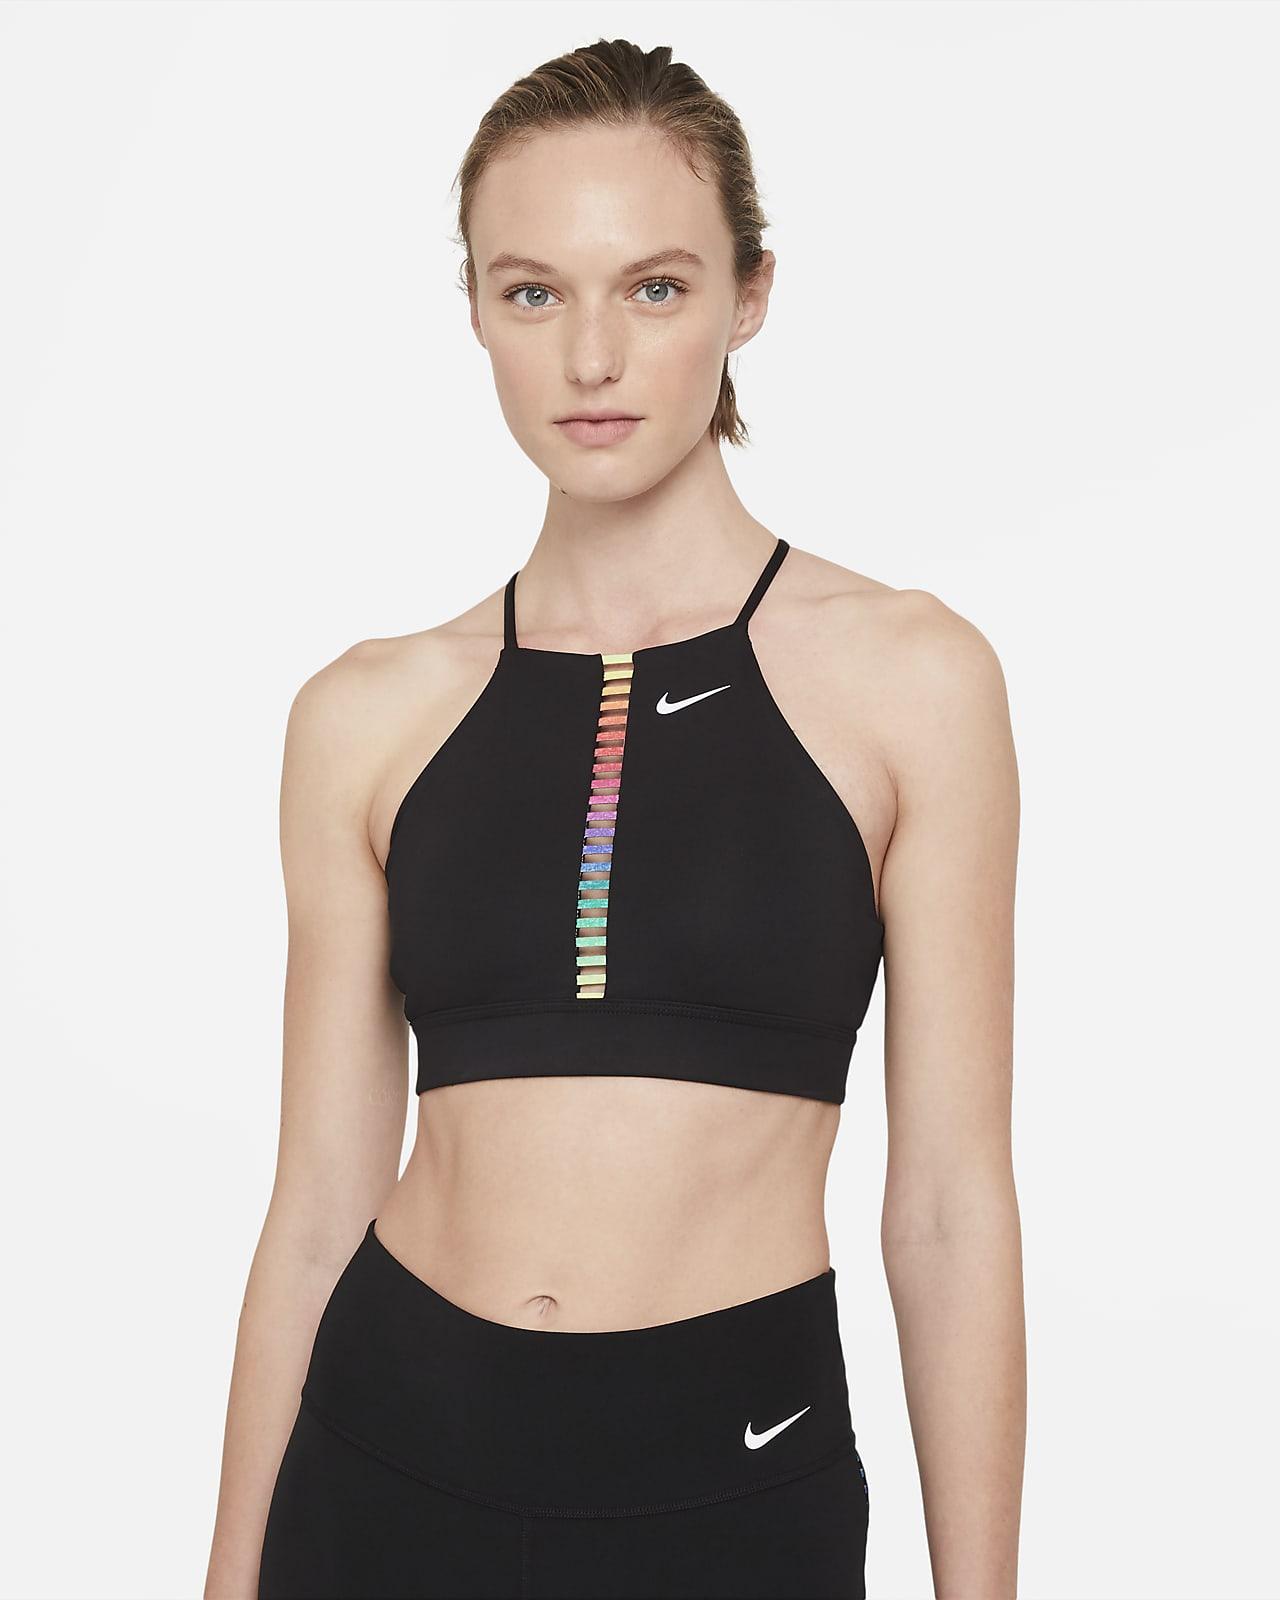 Brassière de sport rembourrée à maintien léger et encolure haute Nike Dri-FIT Indy Rainbow Ladder pour Femme